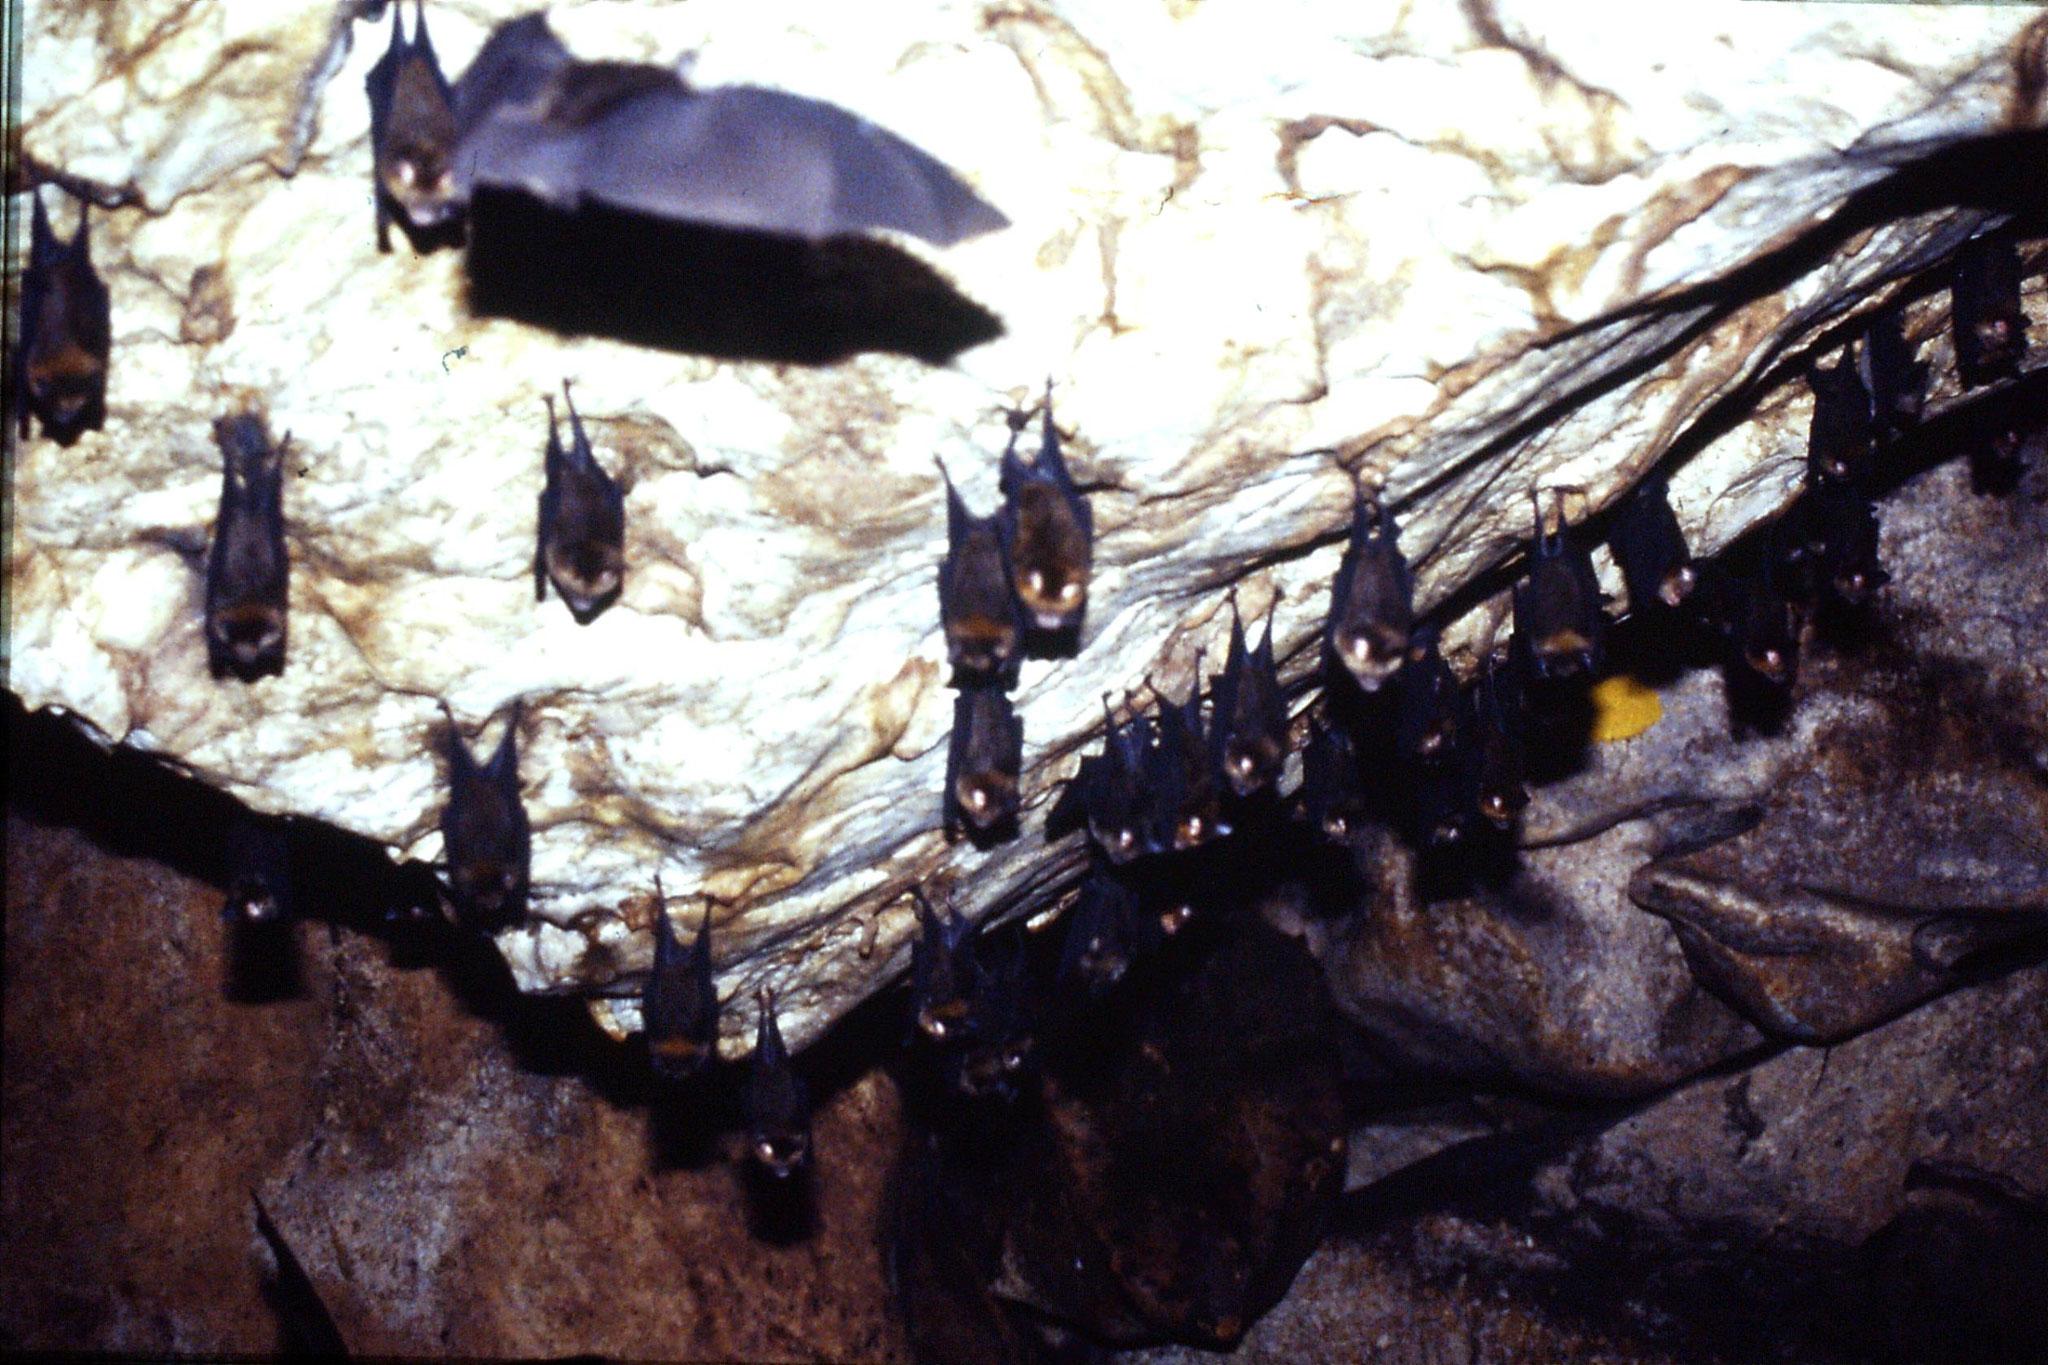 26/6/1990: 16: Tamen Negara bat cave